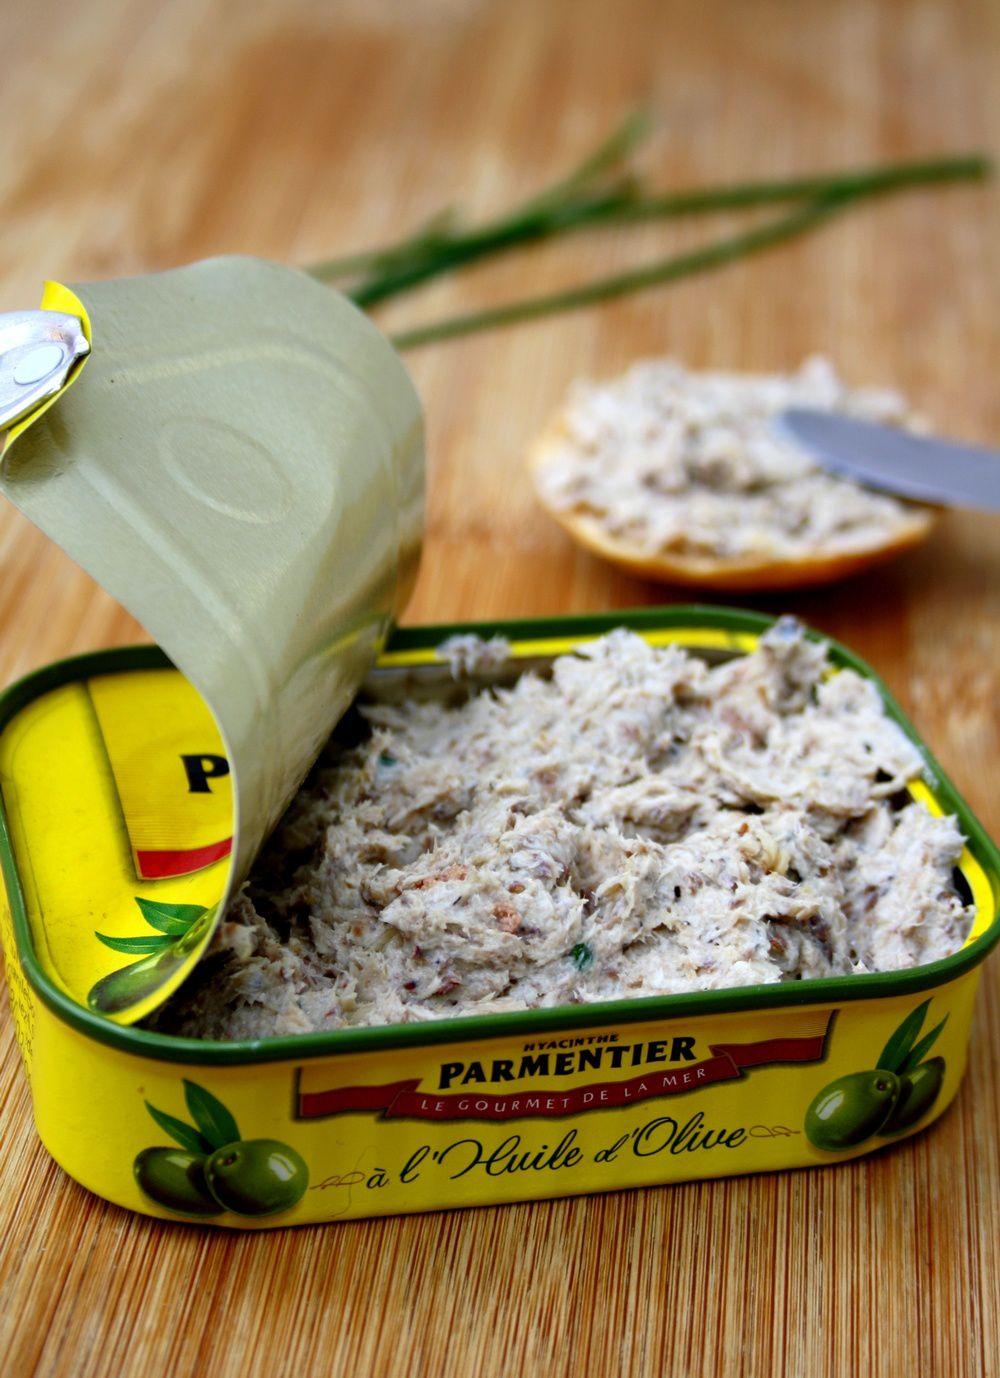 Rillettes De Sardines Moutarde : rillettes, sardines, moutarde, Rillettes, Sardine, Moutarde, Ciboulette, Amandine, Cooking